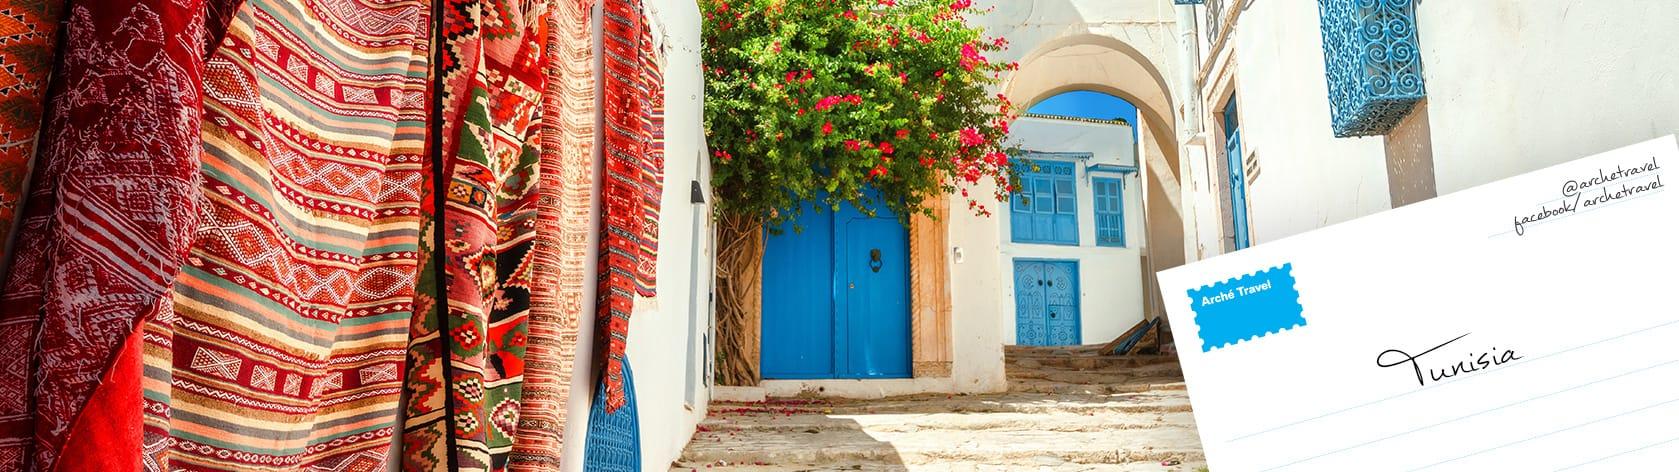 Blog tunisia - Guida di Viaggio tunisia - Blog di Viaggio tunisia